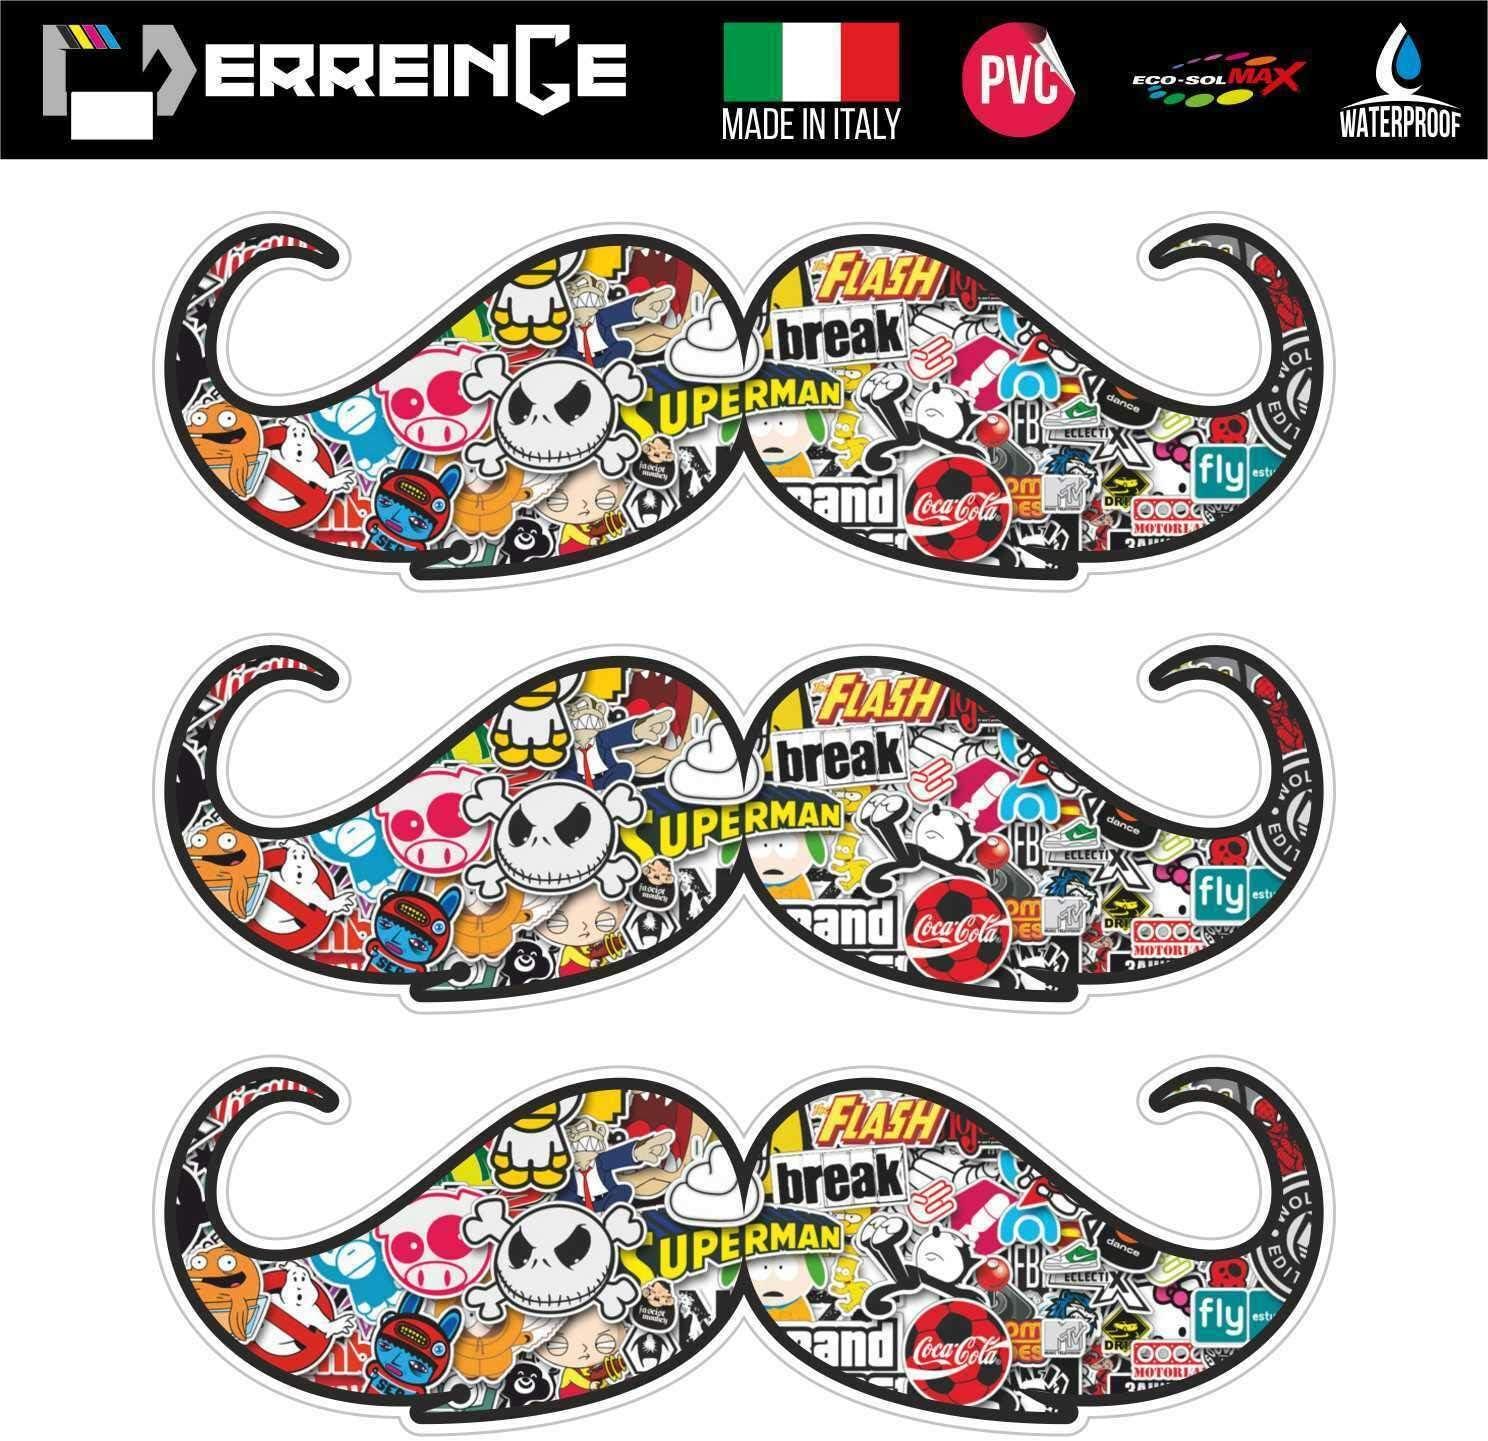 cm 30 erreinge Sticker Bomb x3 Baffi Hipster Barber Shop Adesivo Sagomato in PVC per Decalcomania Parete Murale Auto Moto Casco Camper Laptop